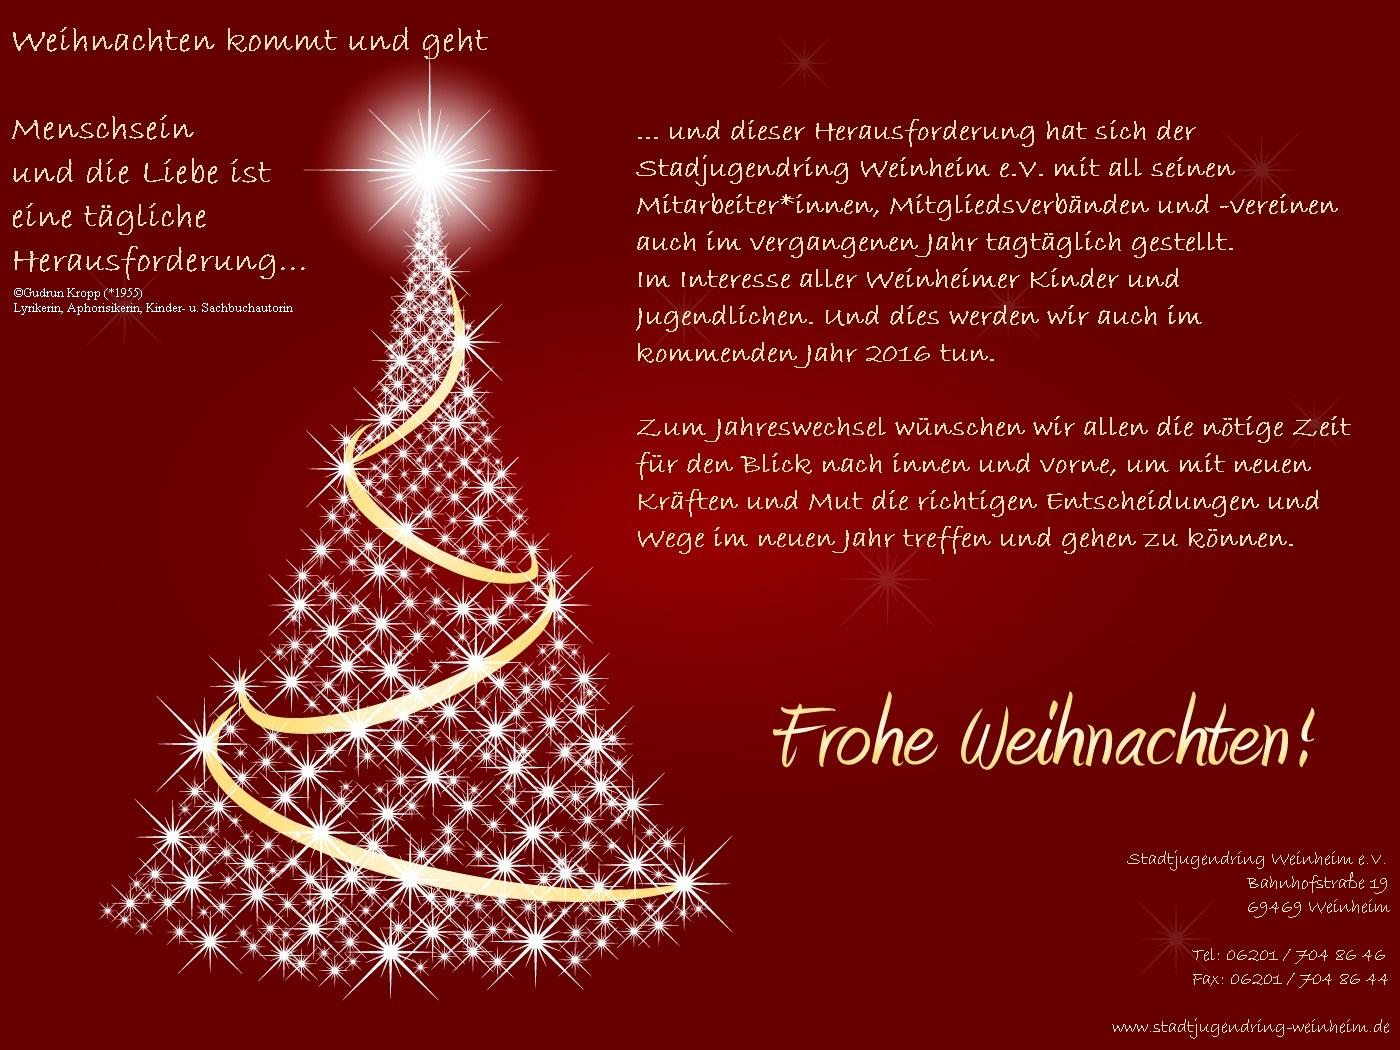 Fröhliche Weihnachten und ein glückliches und friedliches Jahr 2016 ...